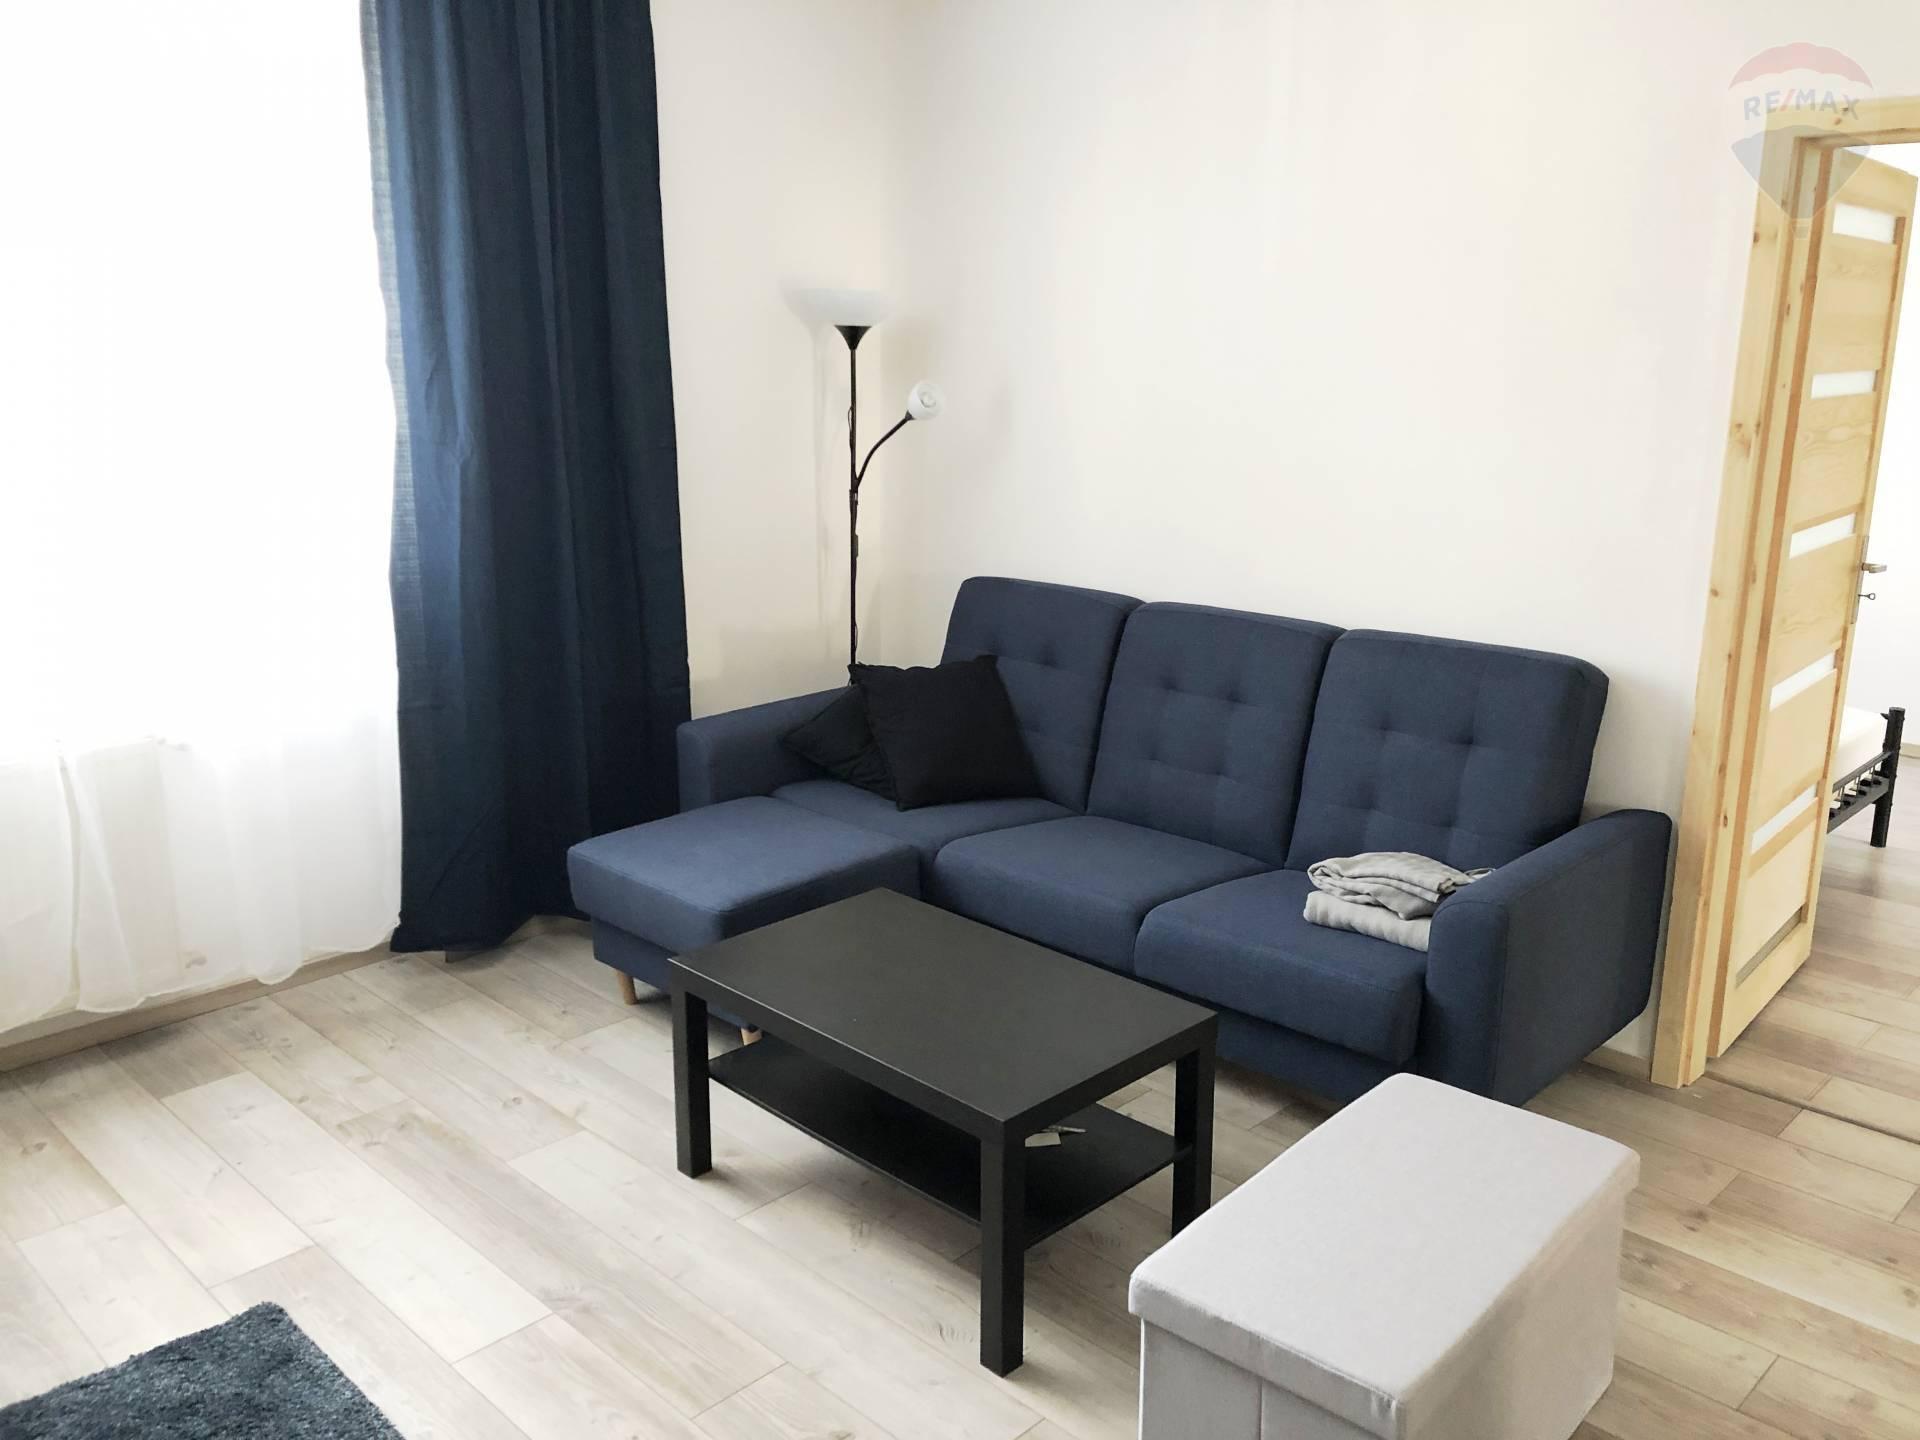 2-izbový byt s balkónom, Vajnorská ul.,kompletná rekonštrukcia, zariadený